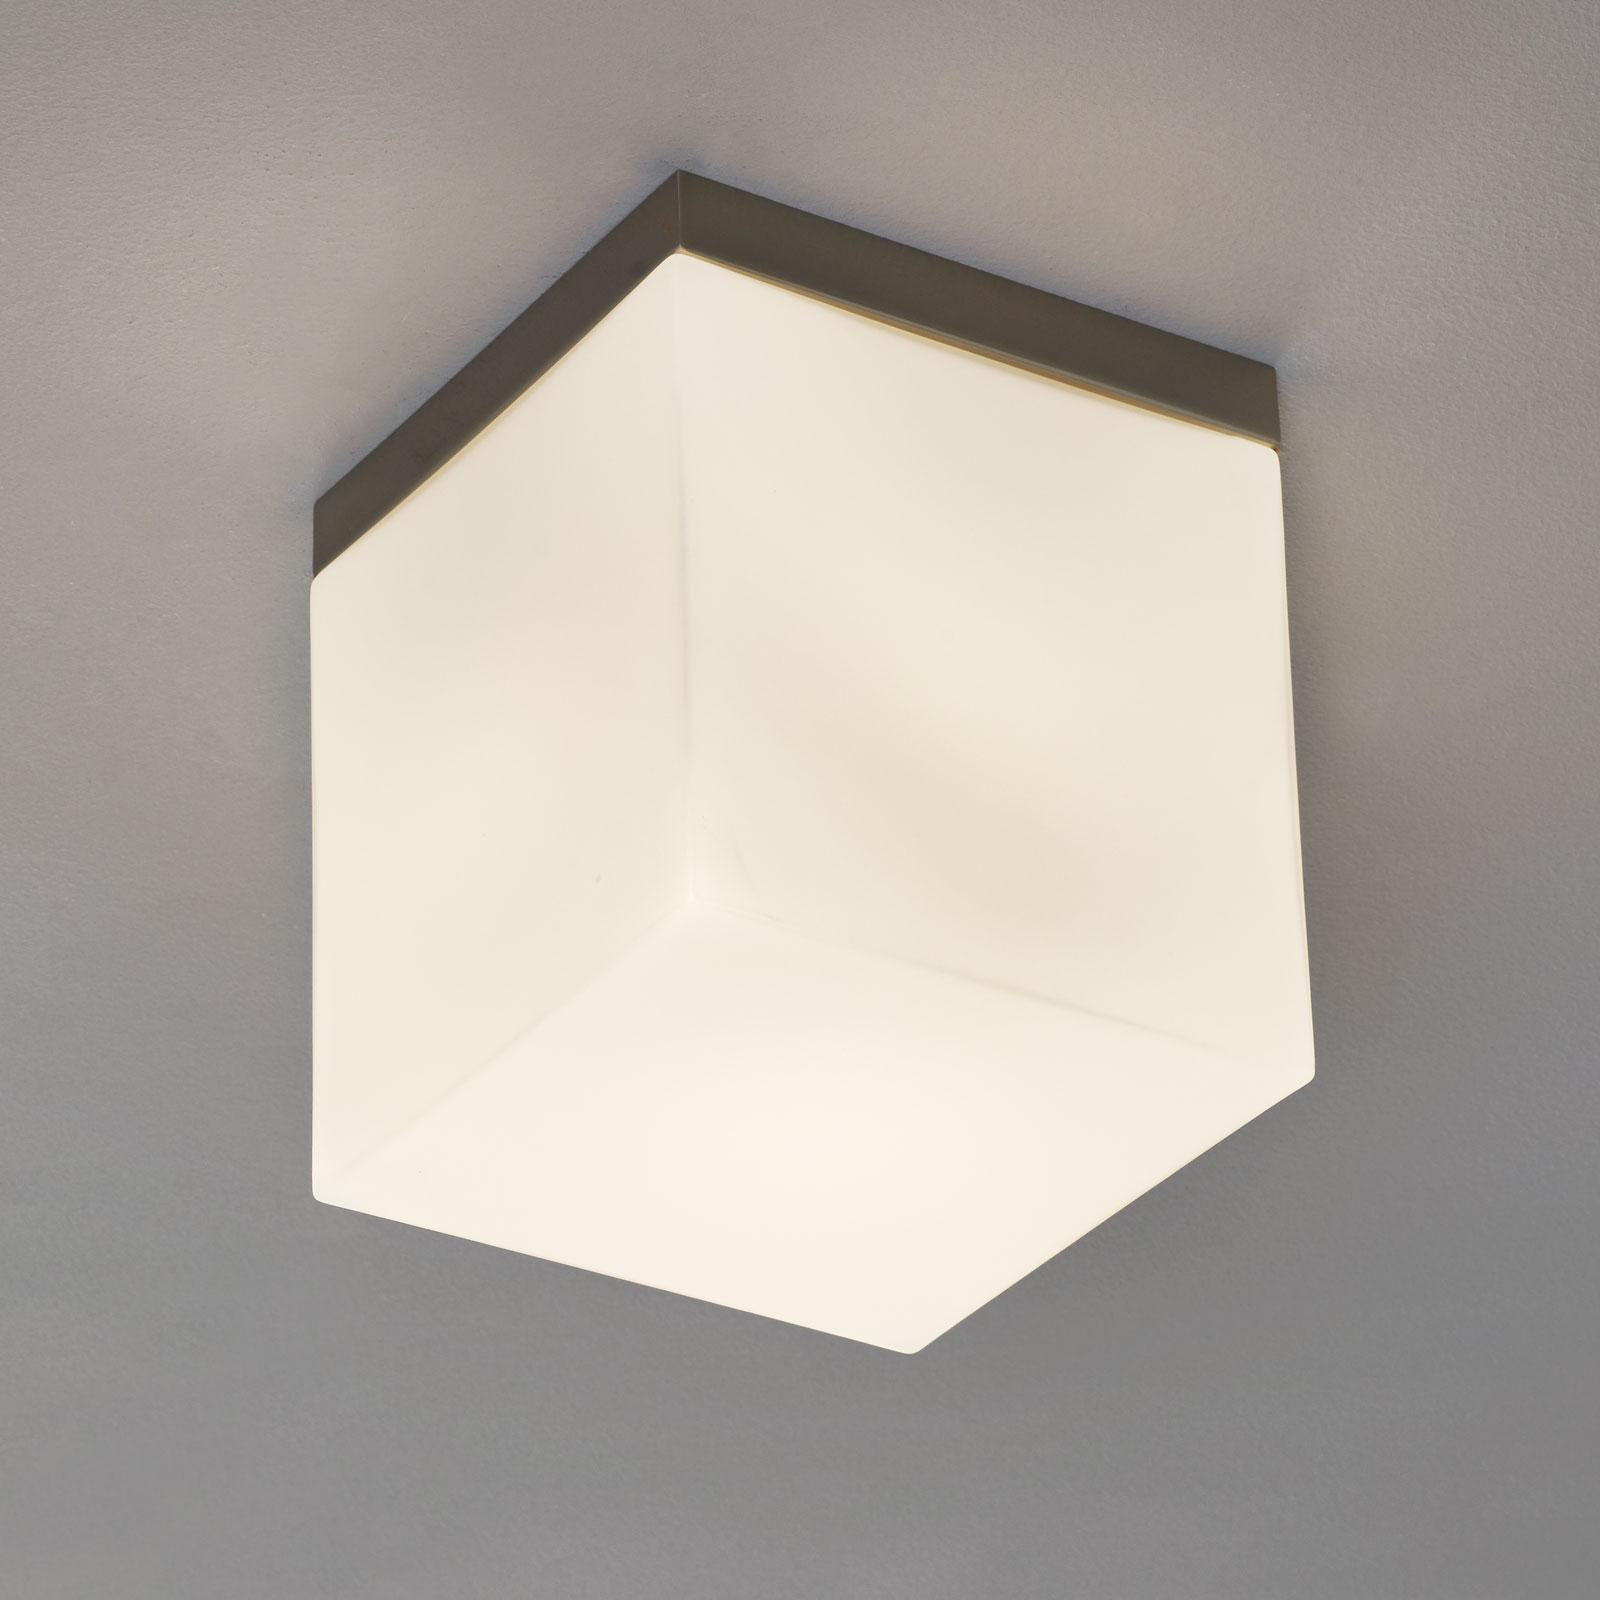 Kattovalaisin Livia lasia, 20 cm, valkoinen